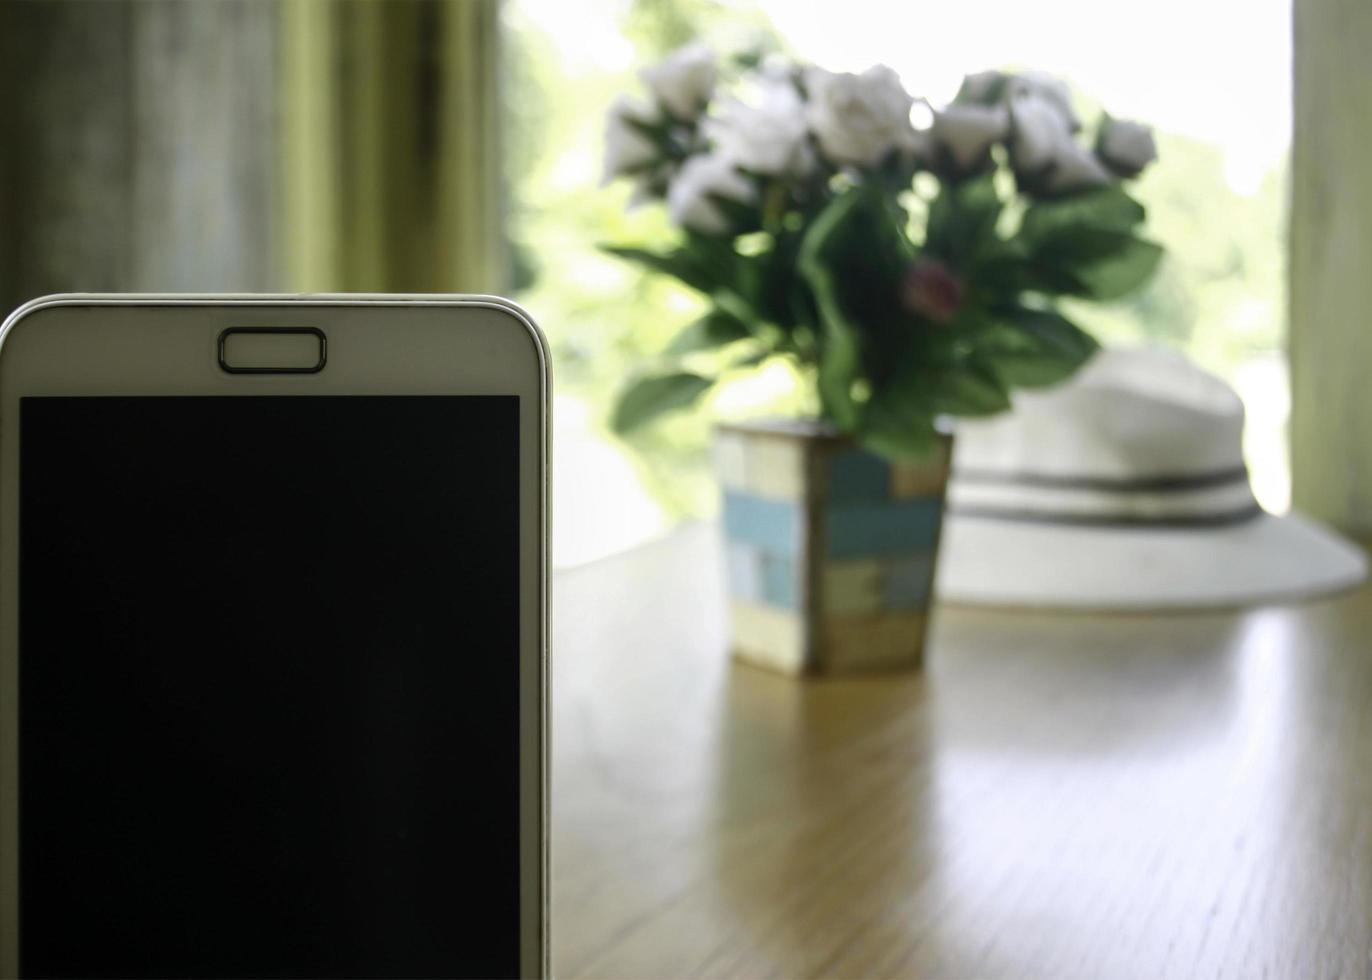 Smartphone in der Nähe von Tisch foto